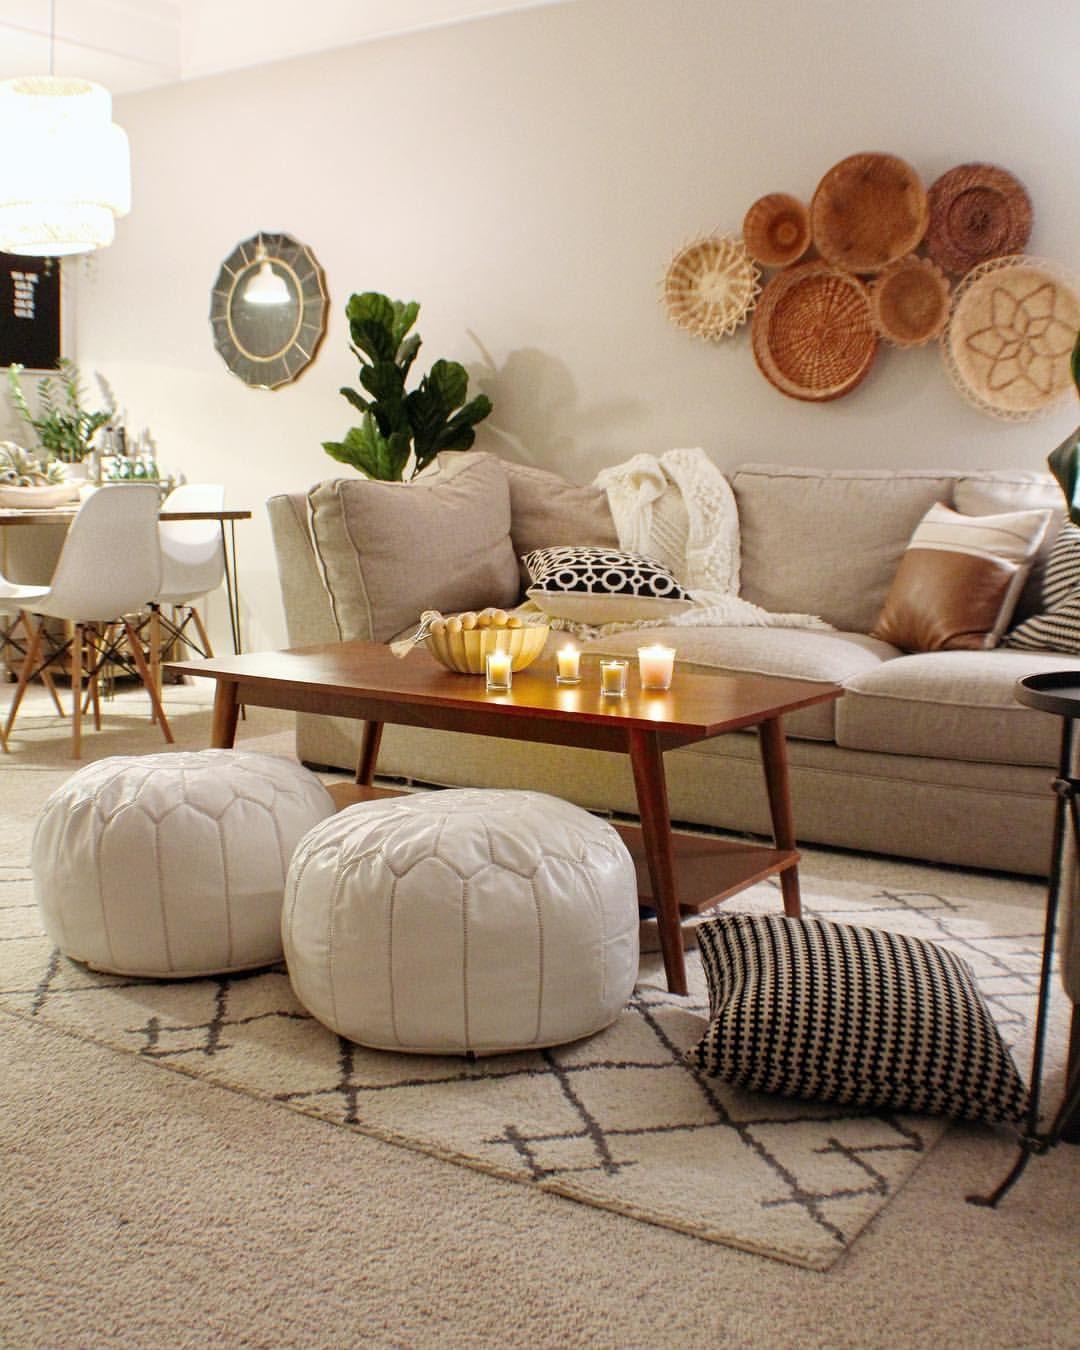 Poufs Couchtisch Kombi Interior Design Home Decor House Styles